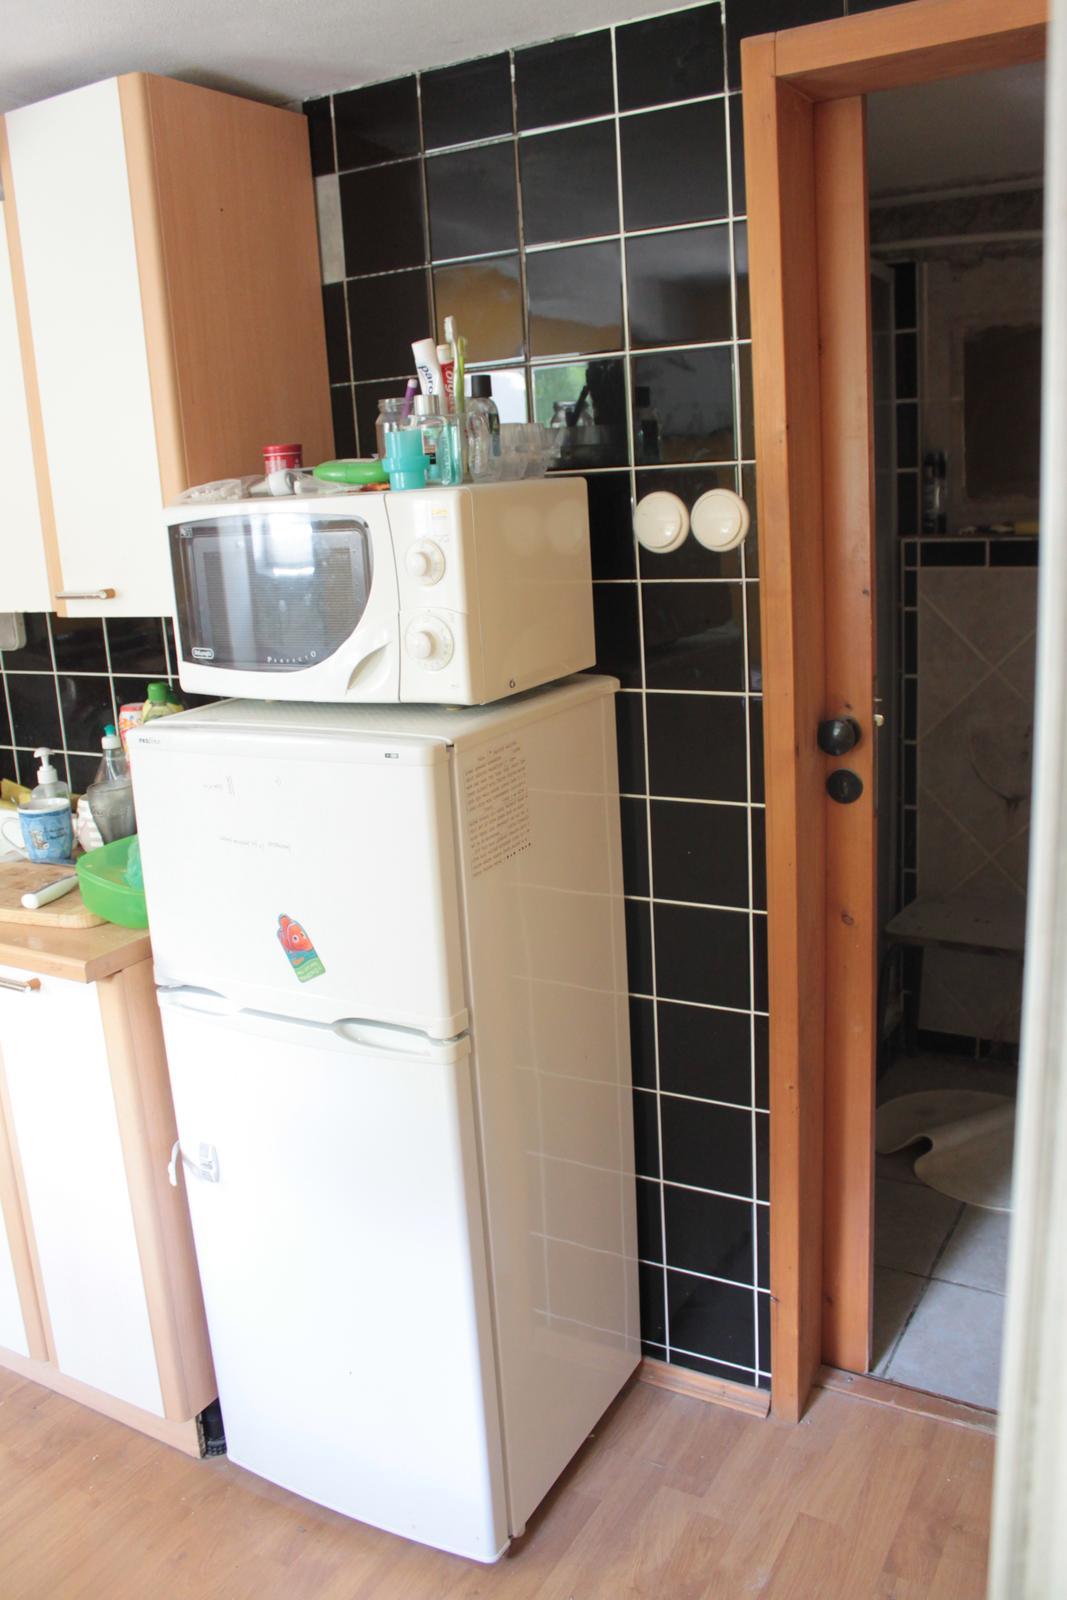 Naša rekonštrukcia - a navyše rozdelená priečkou, kde bola spravená mini kúpeľnička